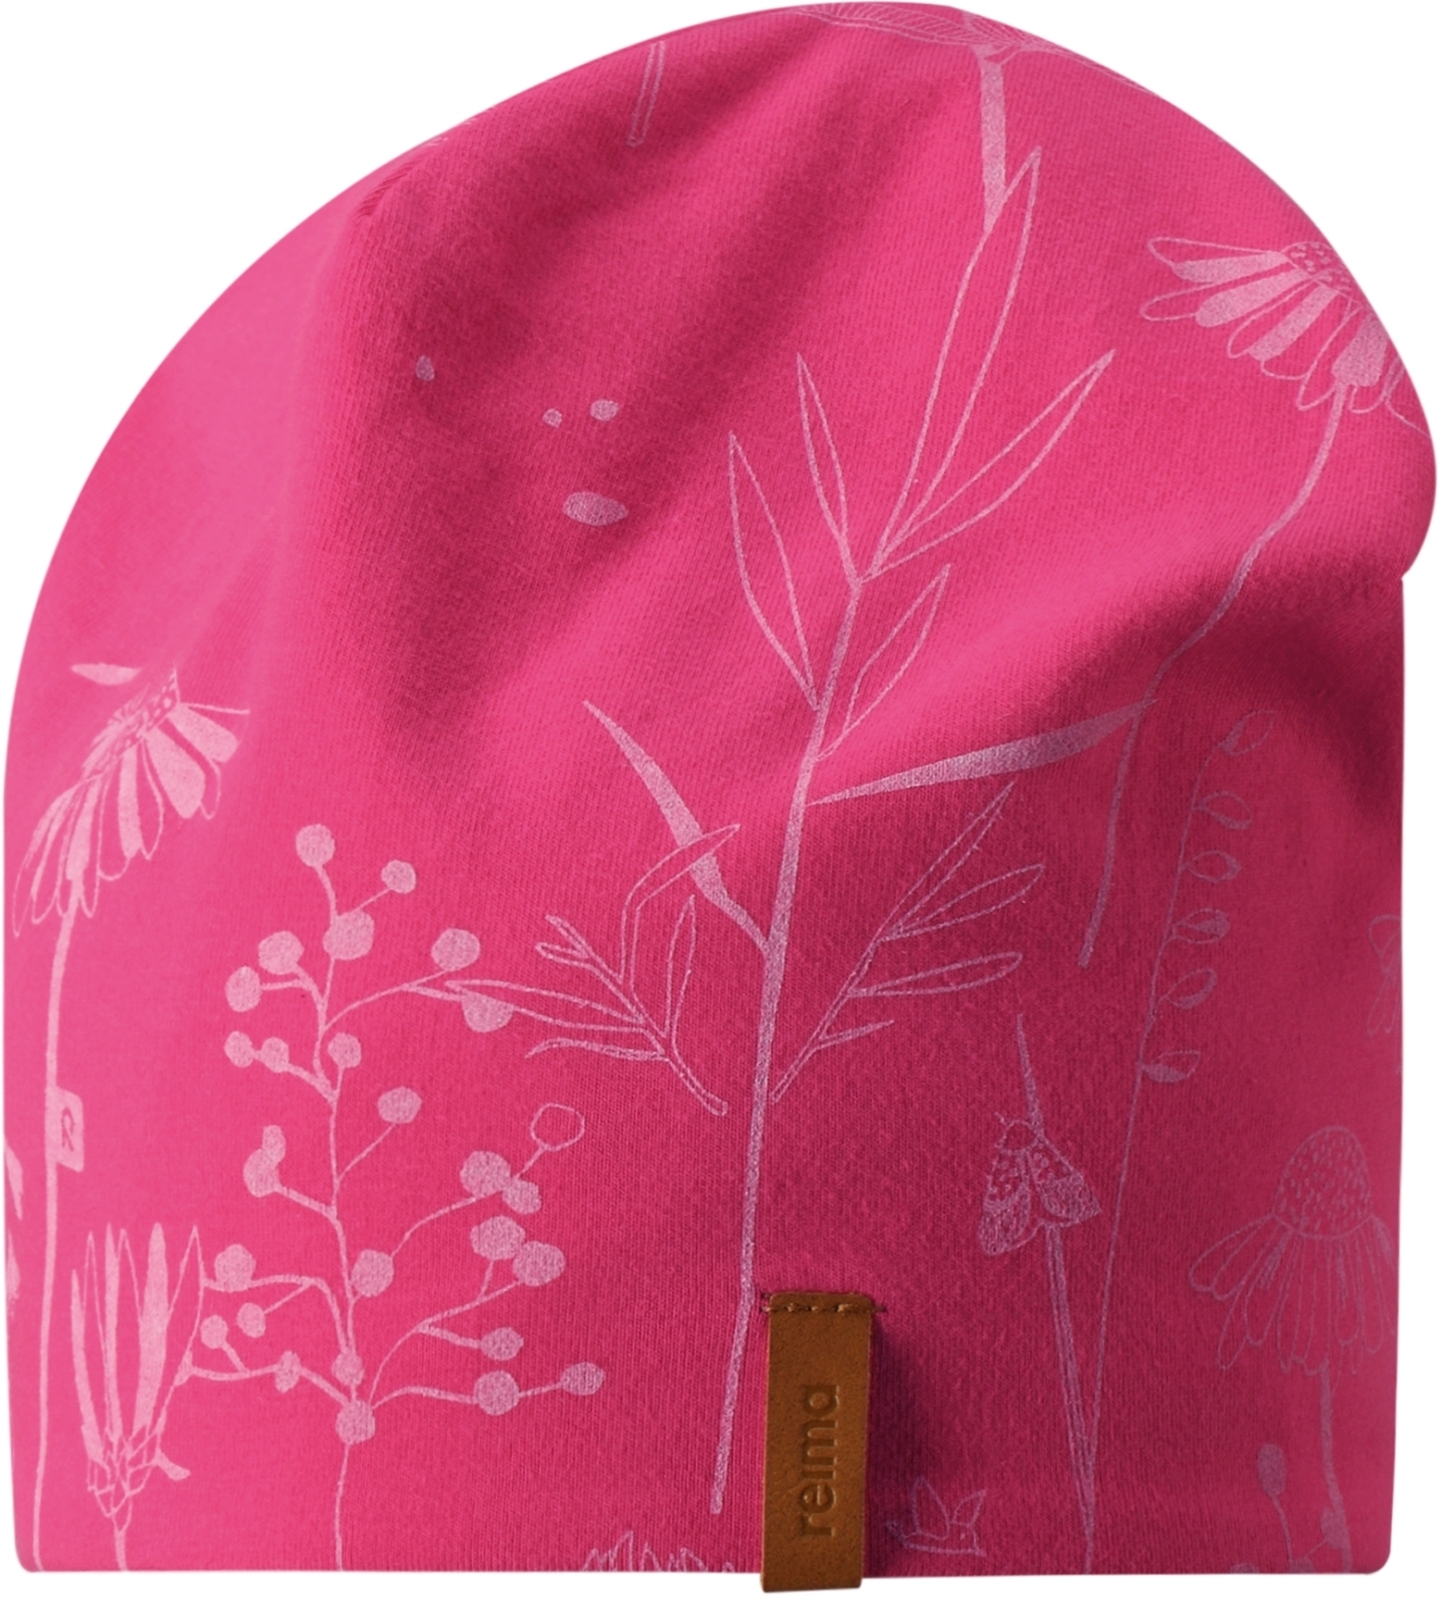 Dětská oboustranná čepice Reima Tanssi - candy pink - Skibi Kids 8a6f63052b